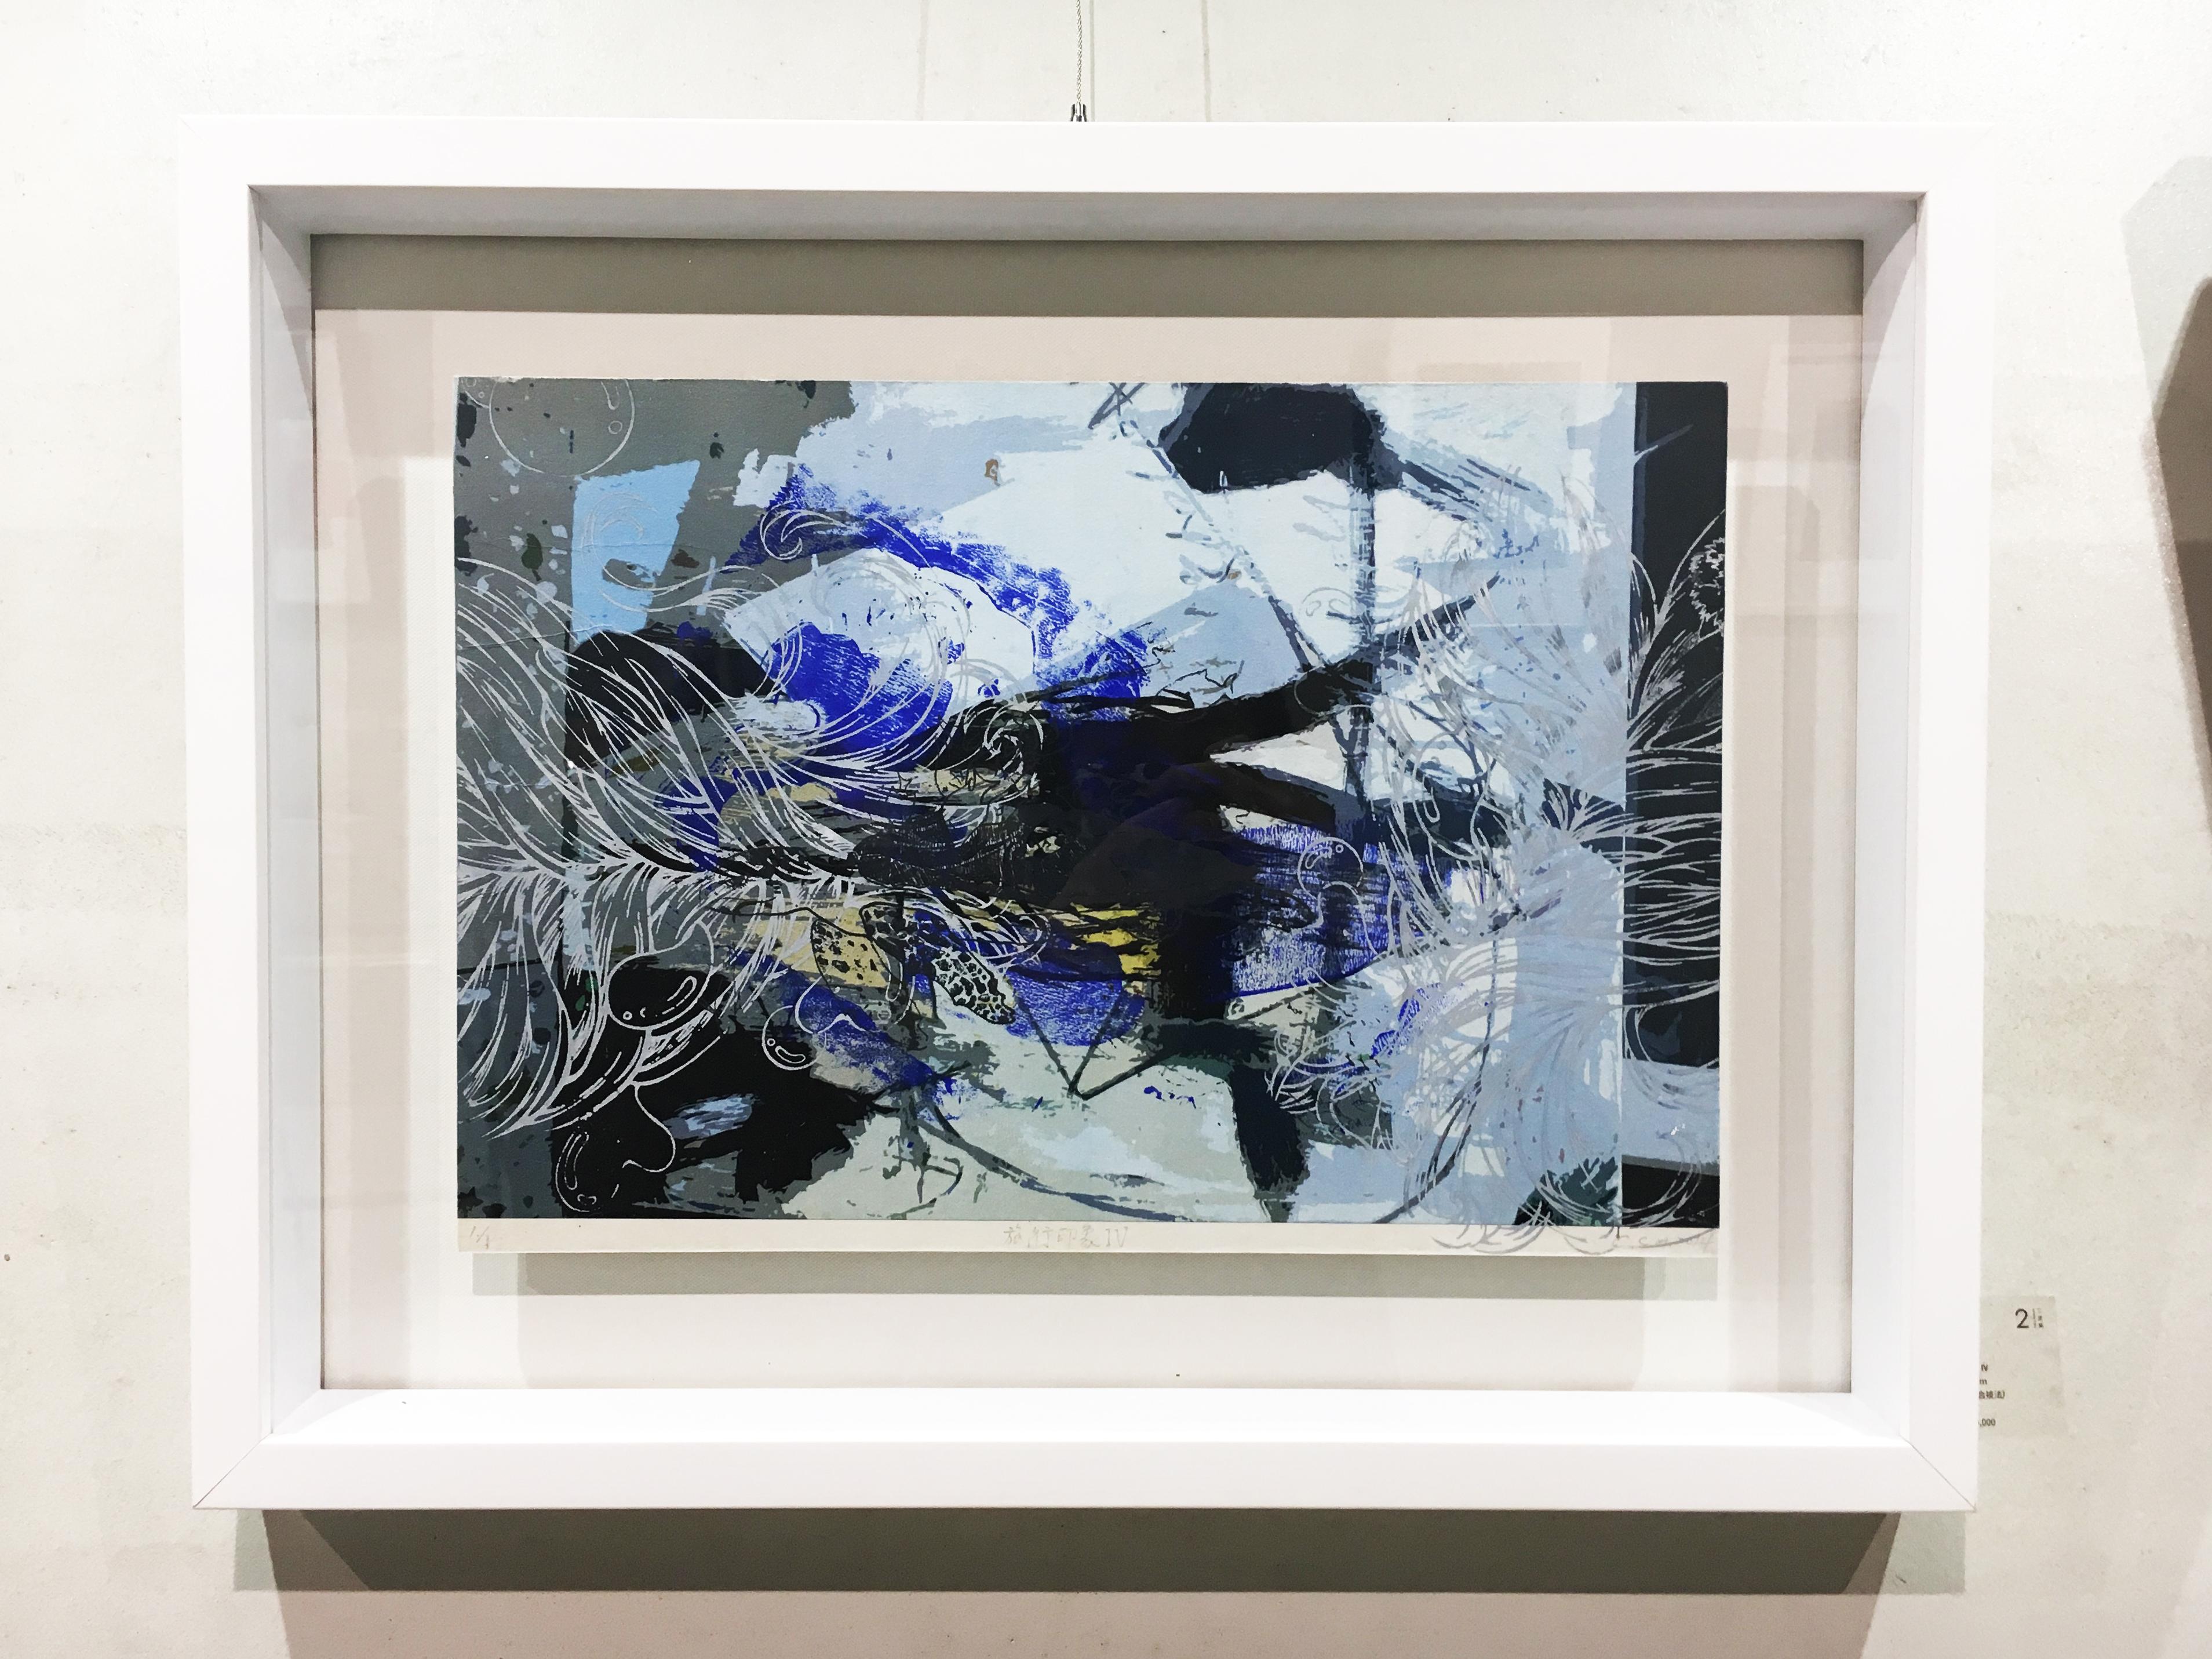 謝其昌,《旅行印象IV》,26 X 38 cm,版畫(複合技法),2014。